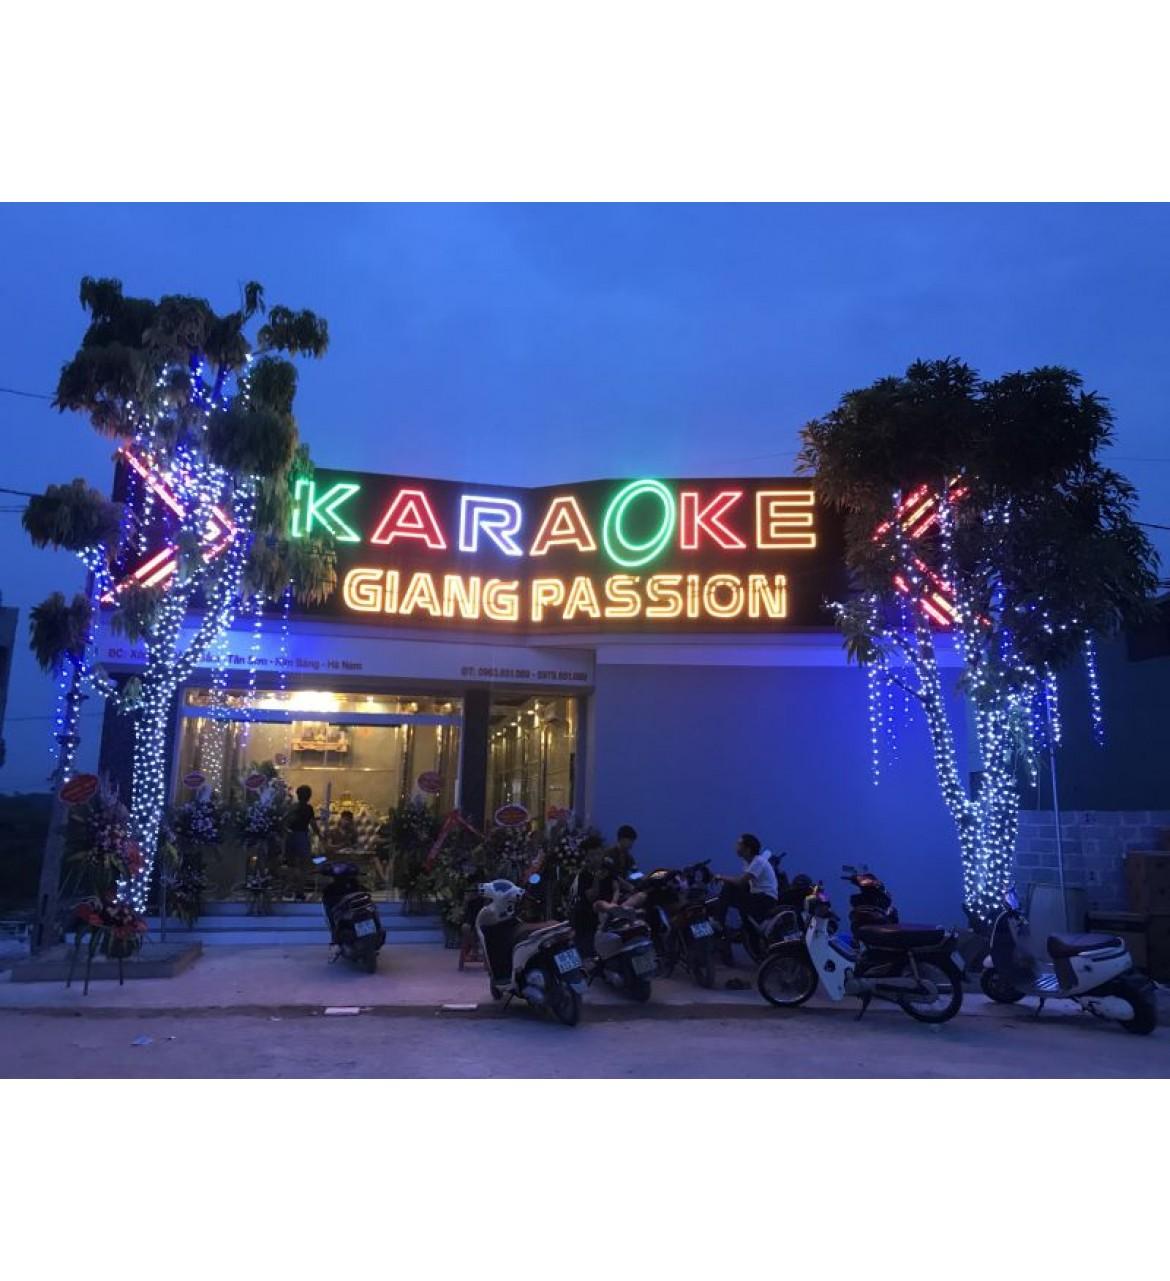 Thi công công trình karaoke Giang Passion tại Kim Bảng - Hà Nam